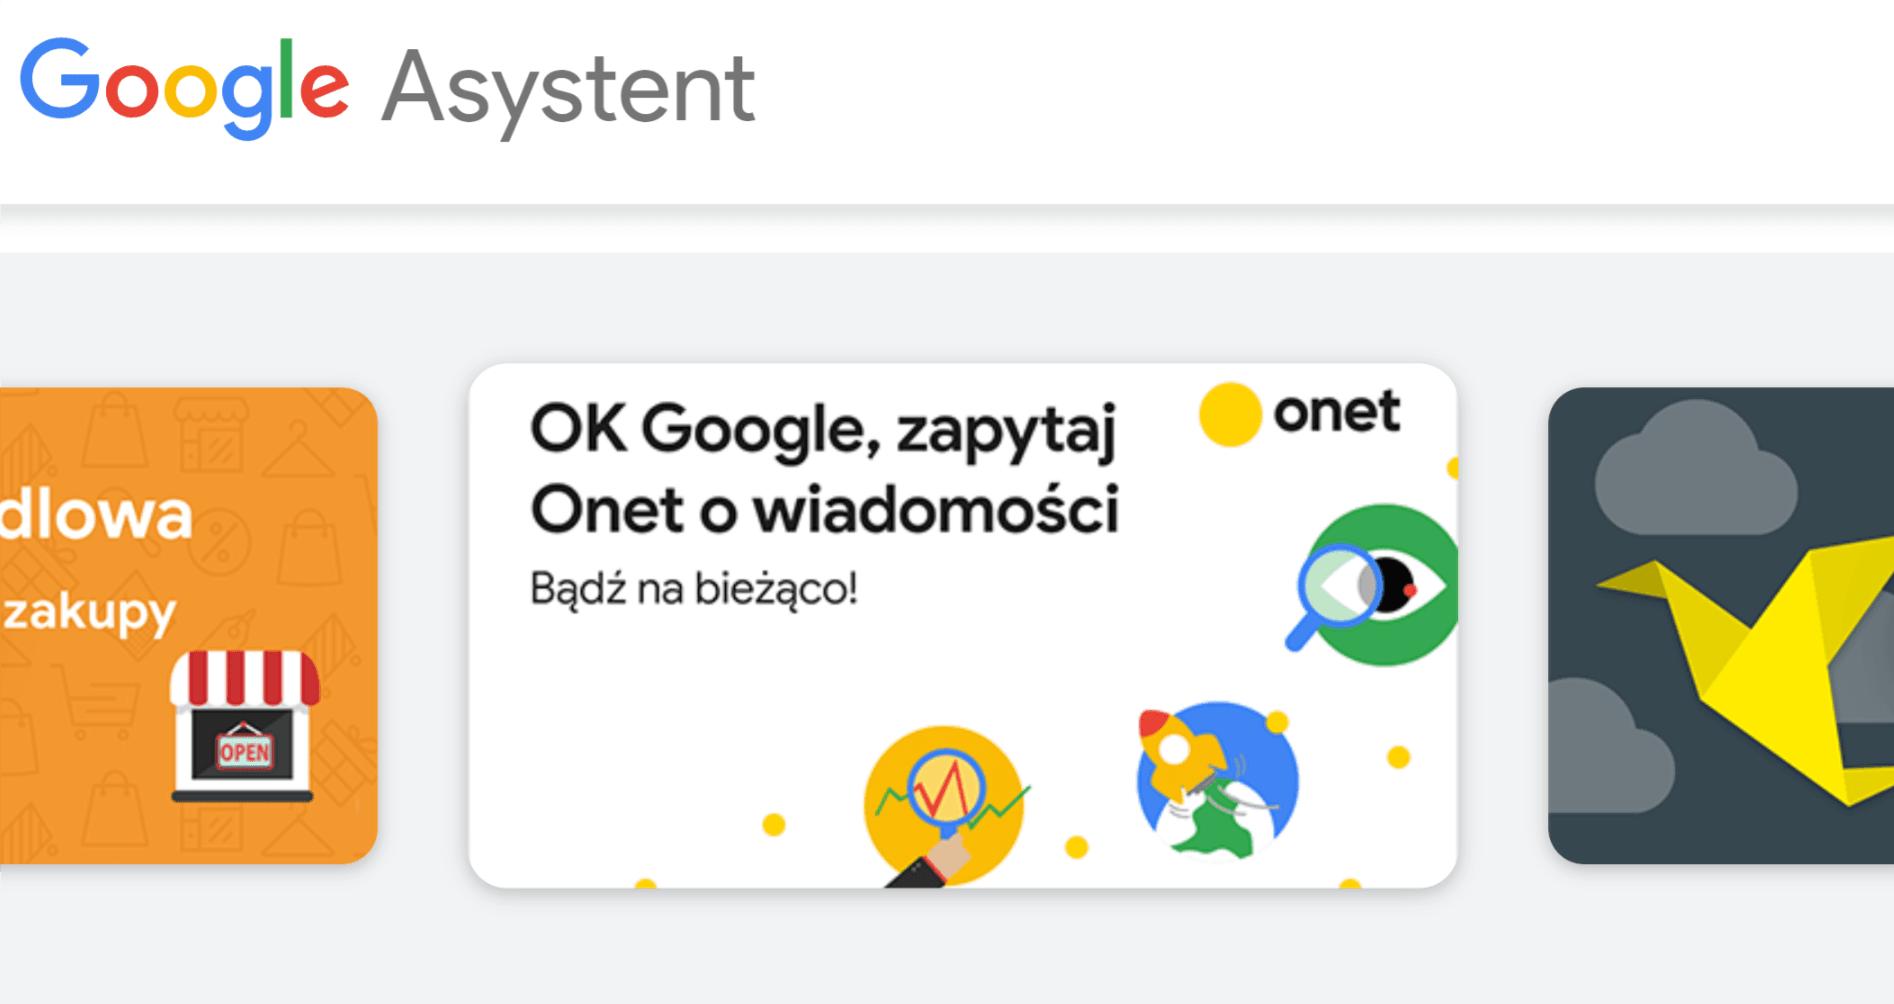 Można już zamawiać jedzenie i kupować bilety autobusowe za pomocą Asystenta Google w Polsce 22